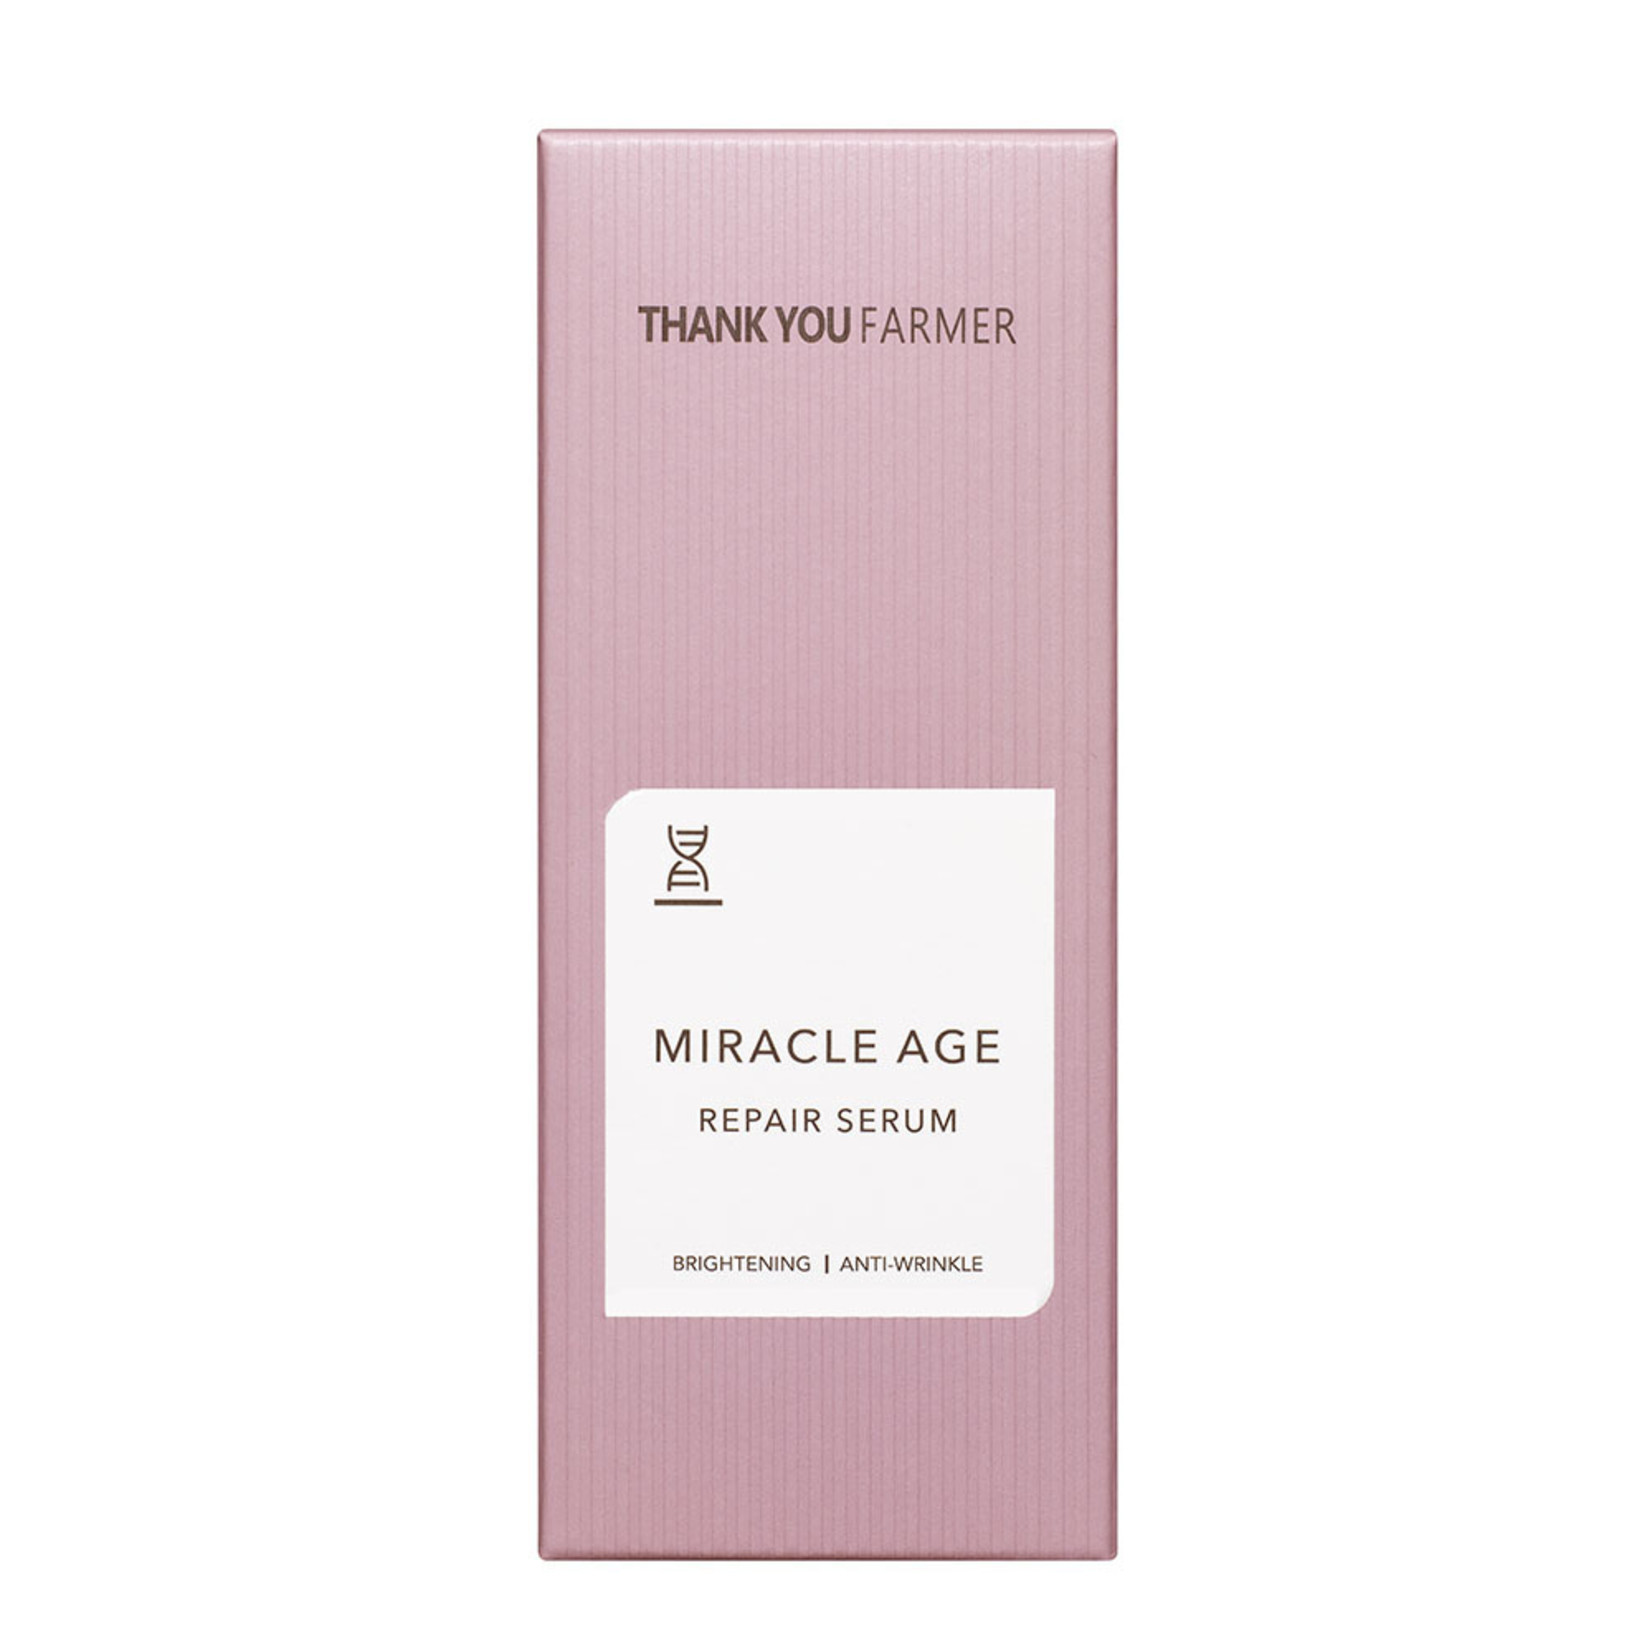 Thank You Farmer Miracle Age Repair Serum